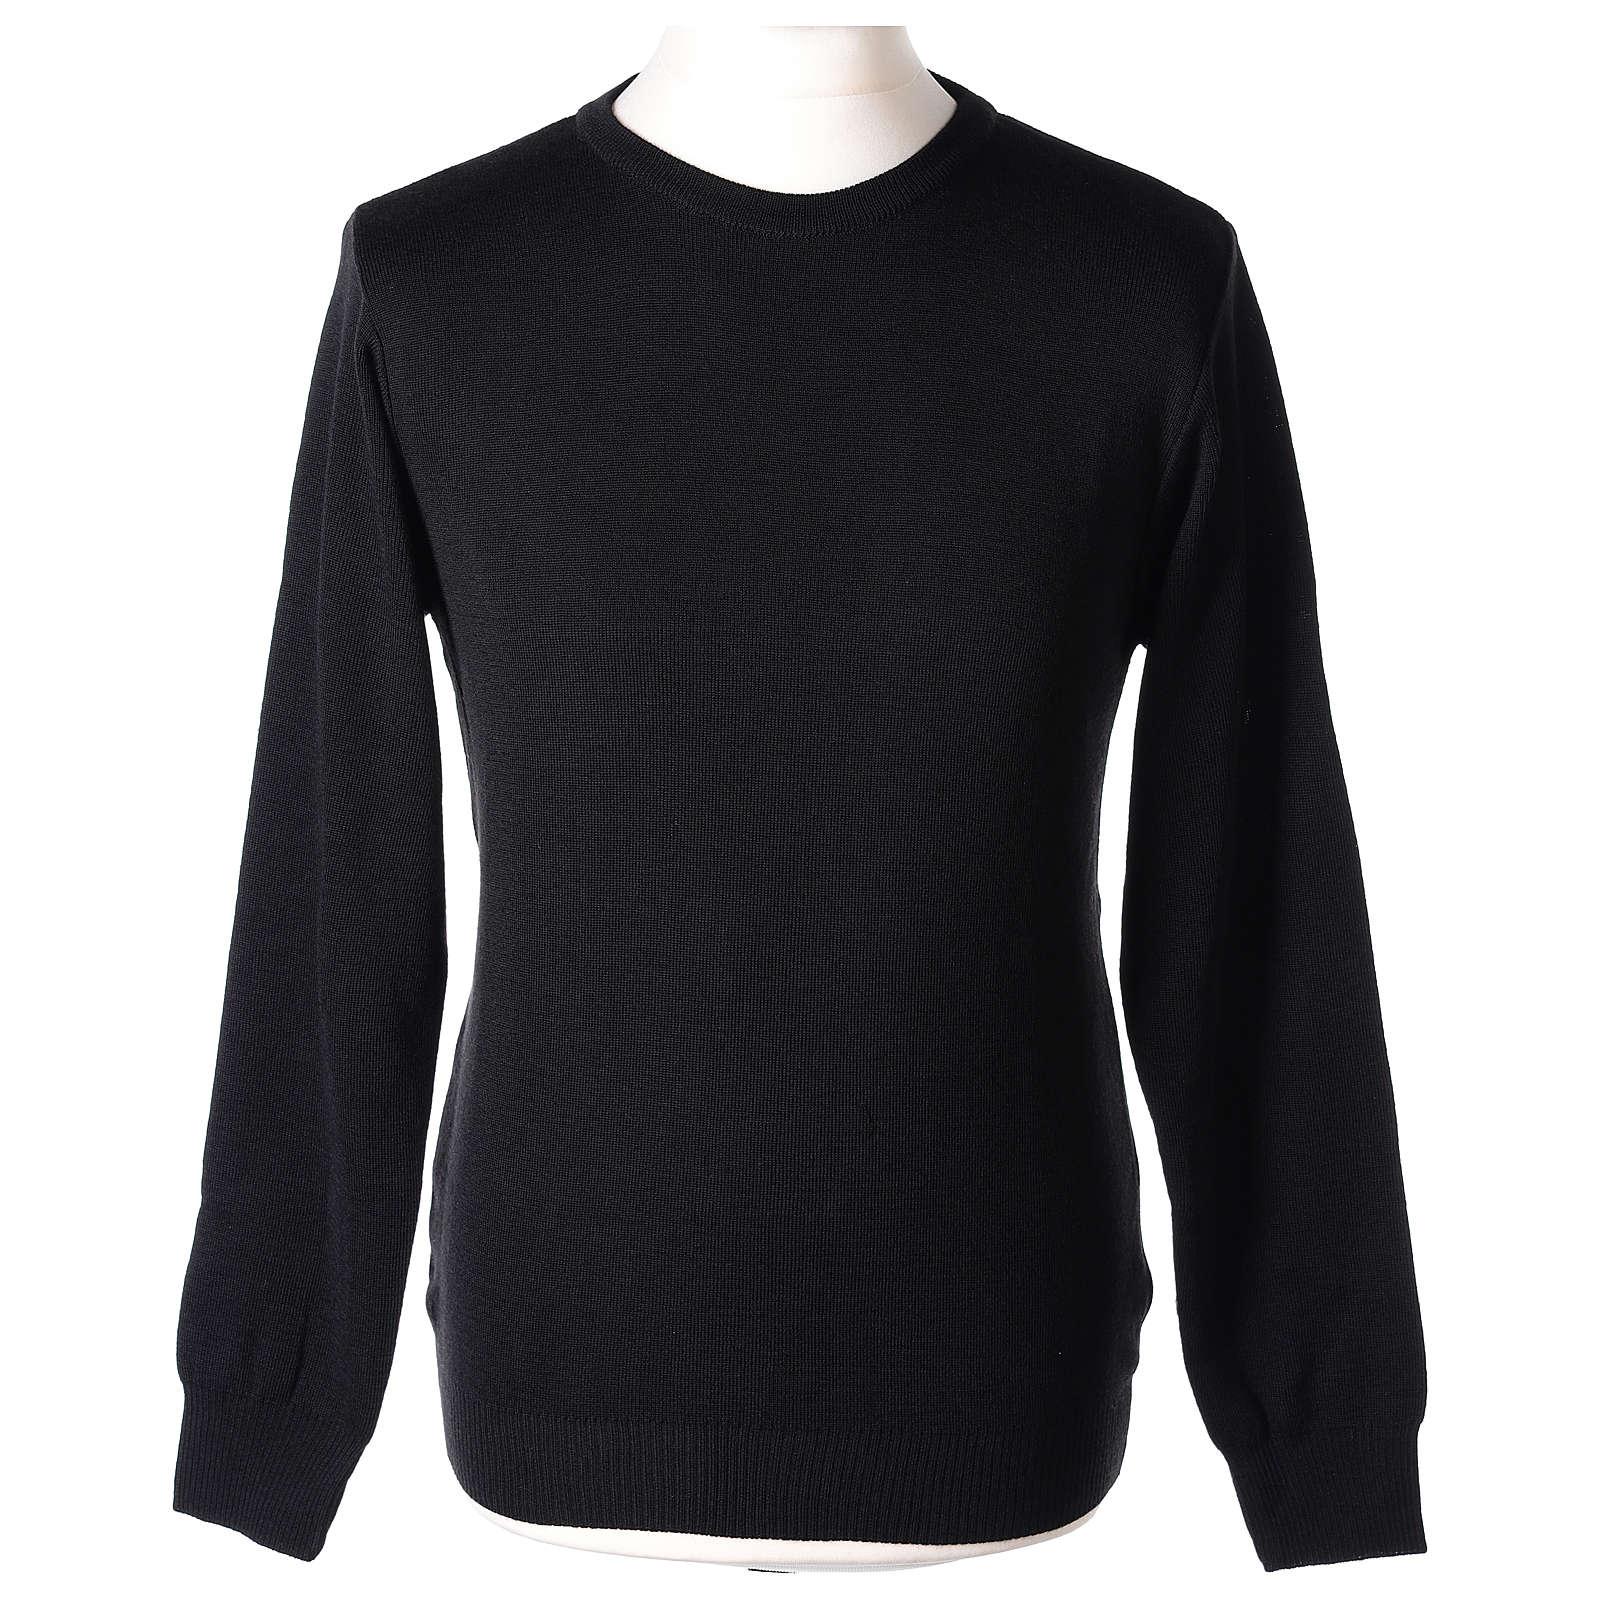 Pullover sacerdote girocollo nero in maglia unita 50% lana merino 50% acrilico In Primis 4